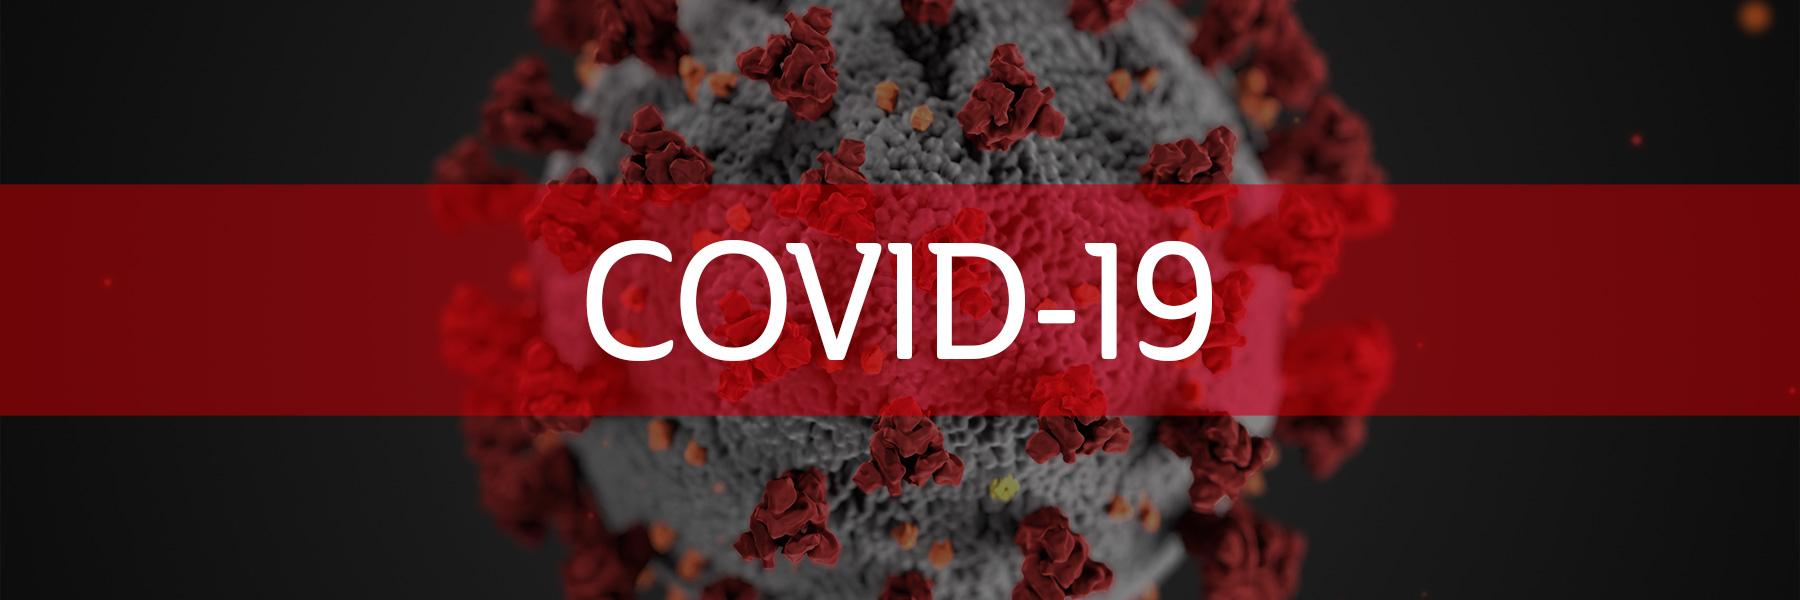 В Корабельном - 2 новых случая COVID-19. Всего в Николаеве - 6, по области - 7 заболевших и 1 умерший